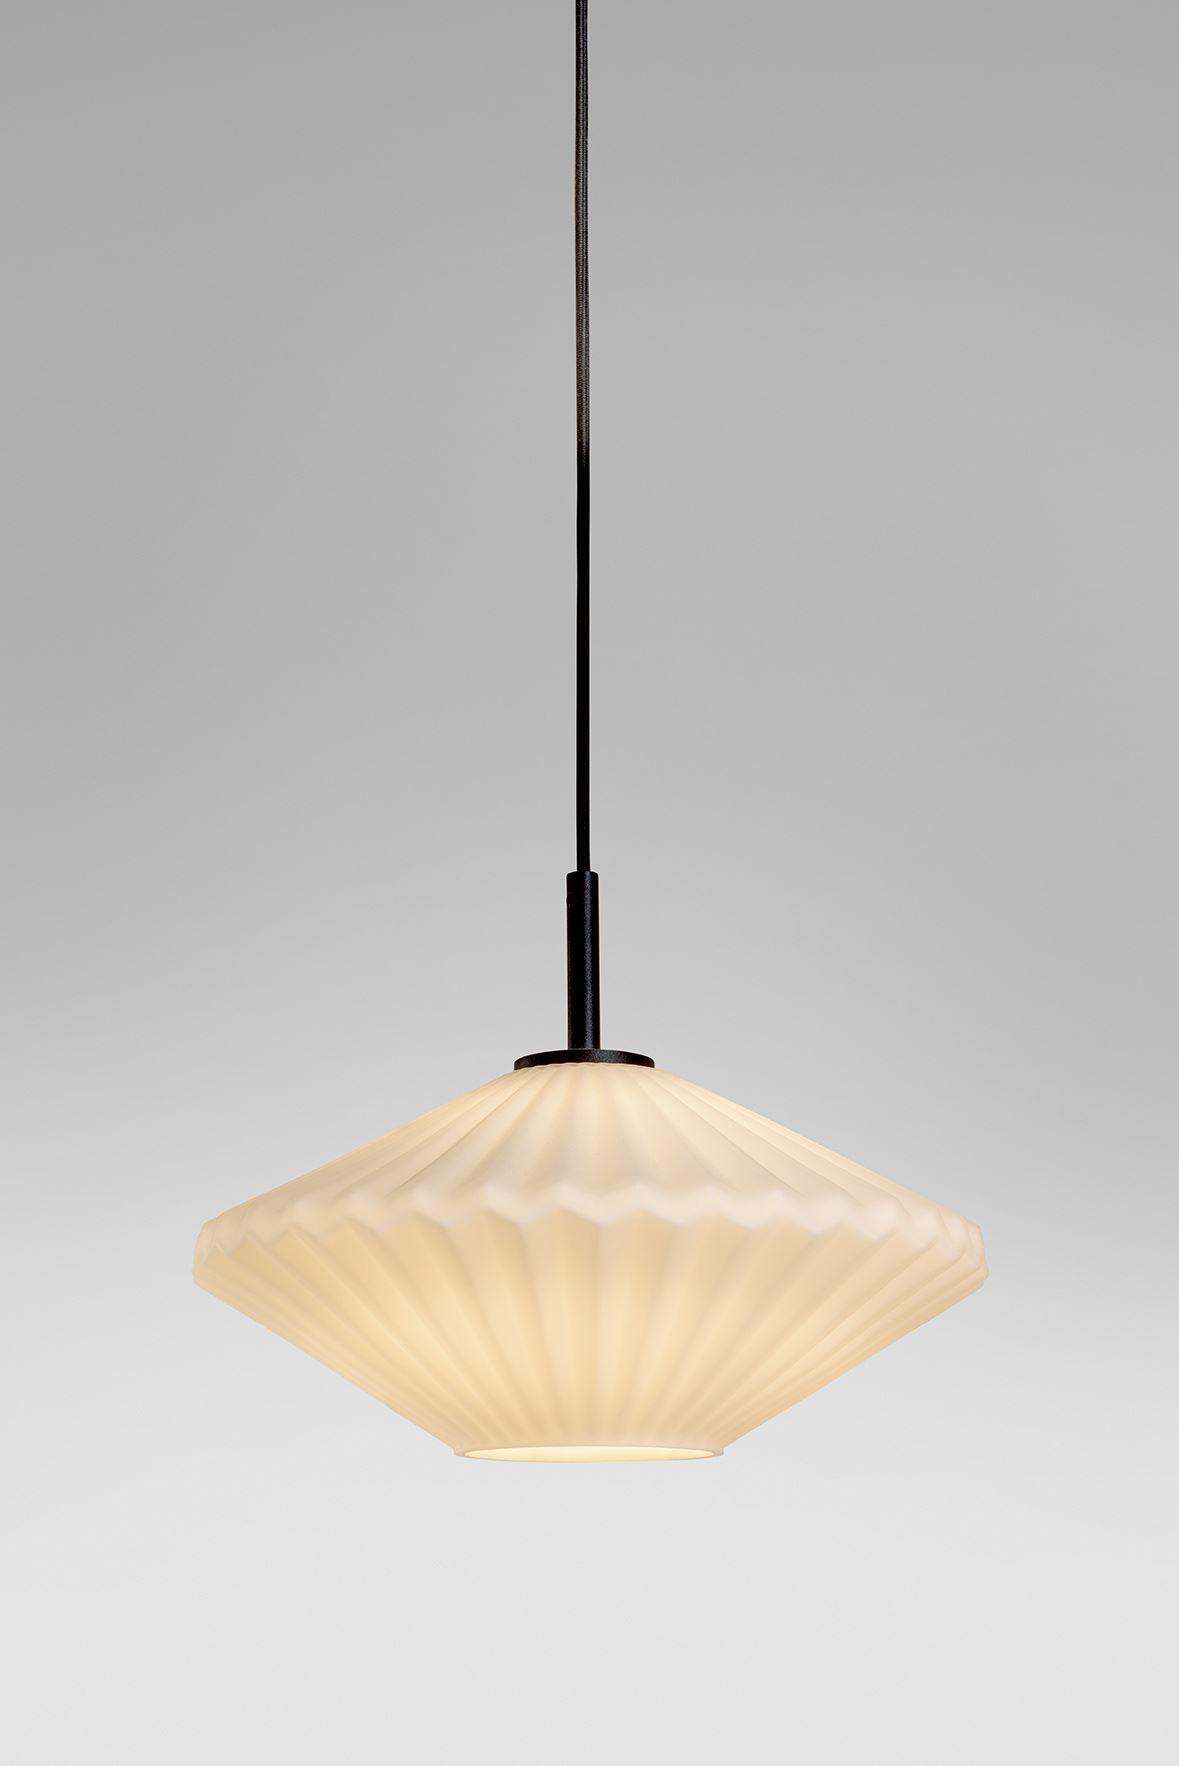 גופי תאורה מקטגוריית: מנורות תלויות ,שם המוצר: ספיר טרפז פחוס